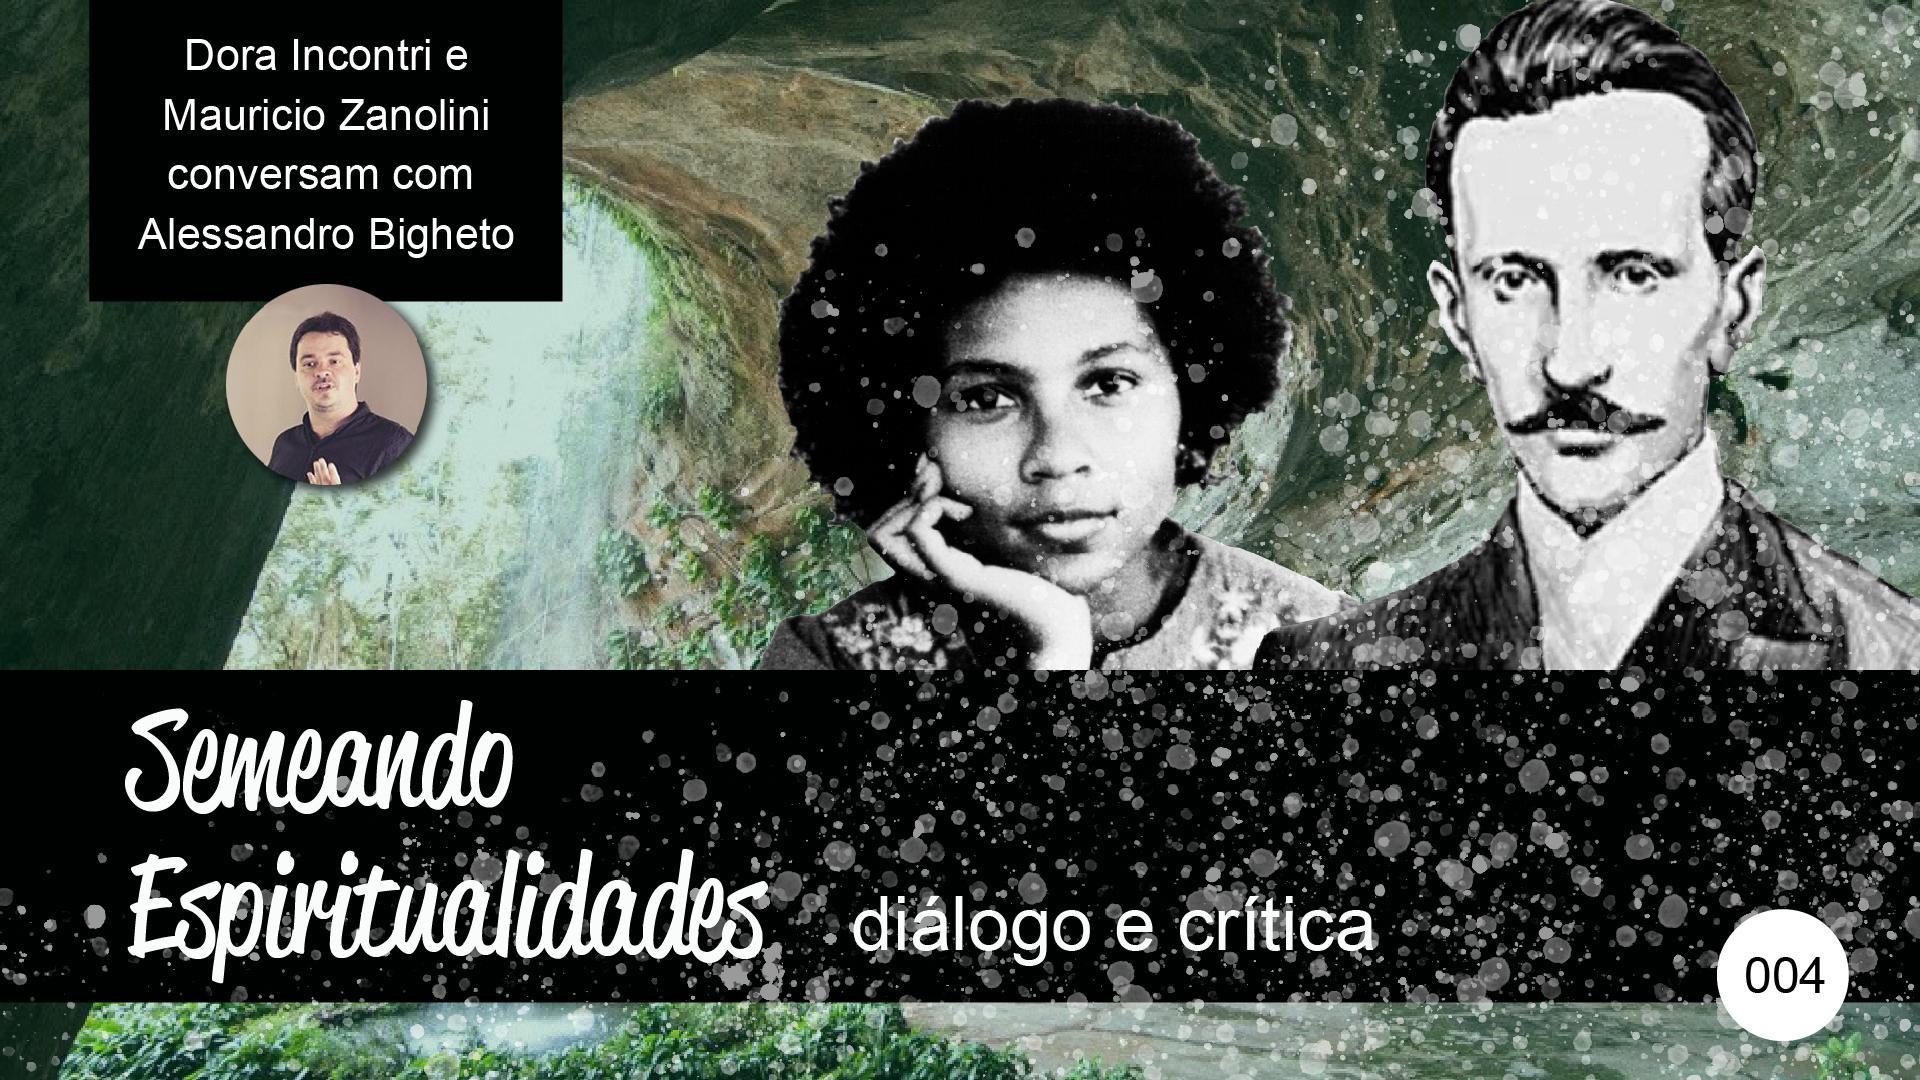 Semeando Espiritualidades – diálogo e crítica (004) – Eurípedes Barsanulfo e vanguarda na educação.